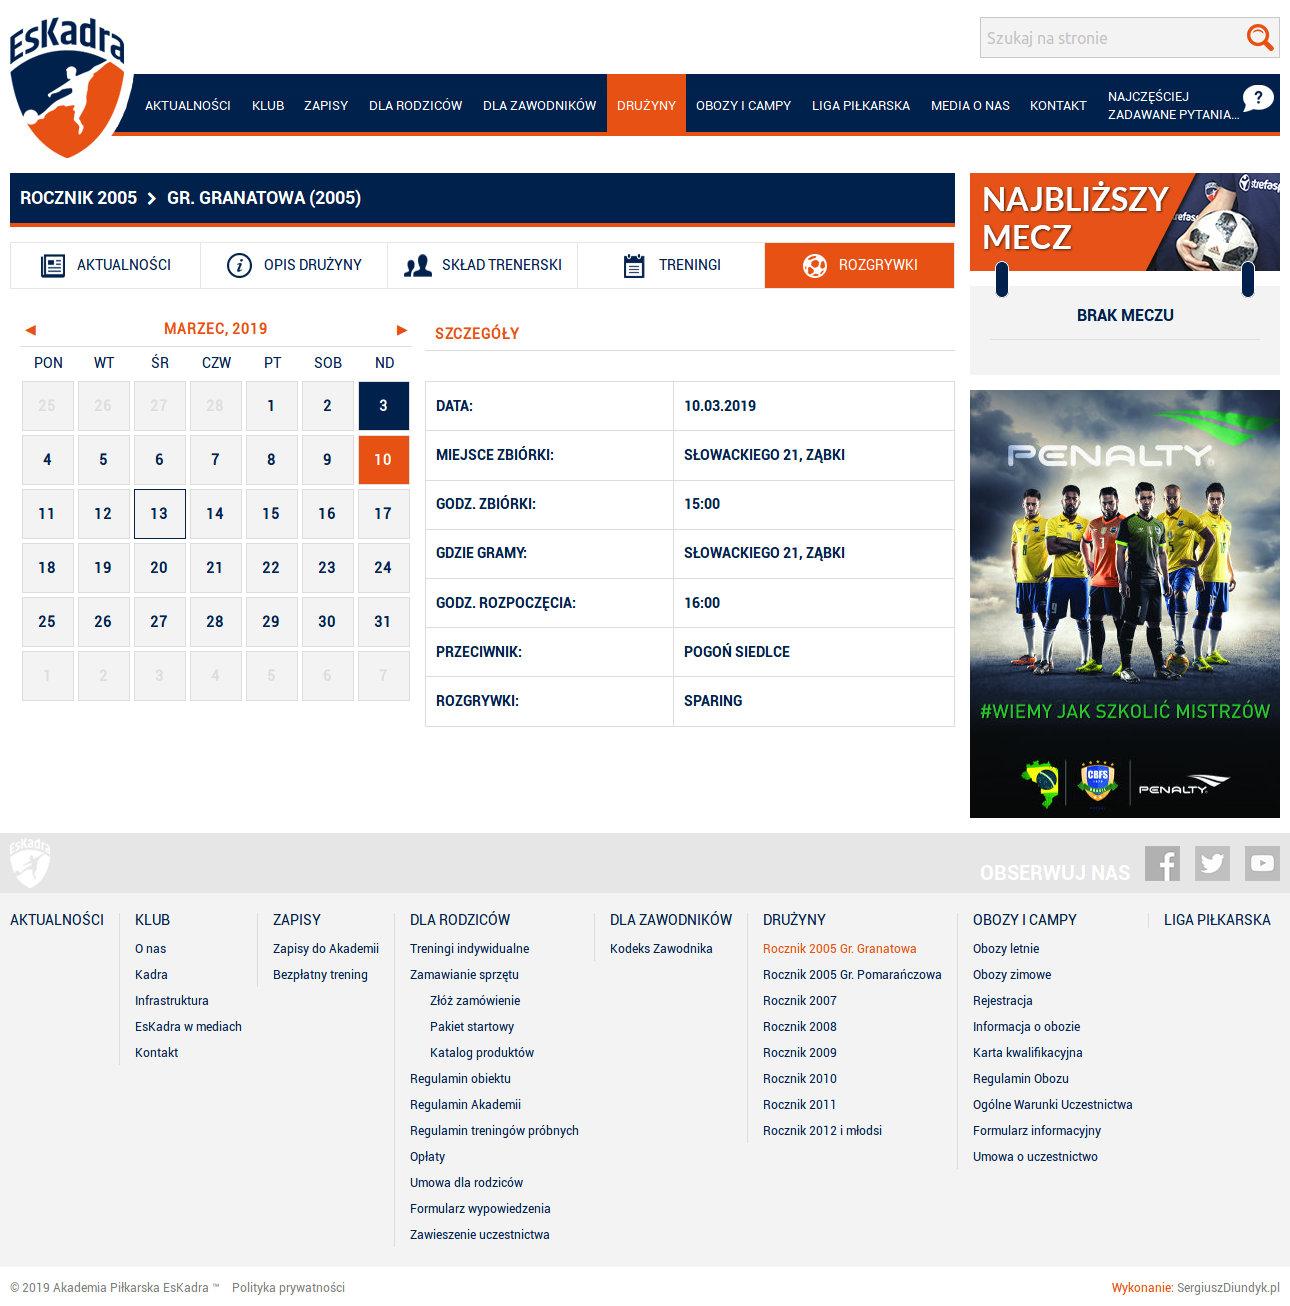 Portal sportowy EsKadra - zrzut ekranu 4.